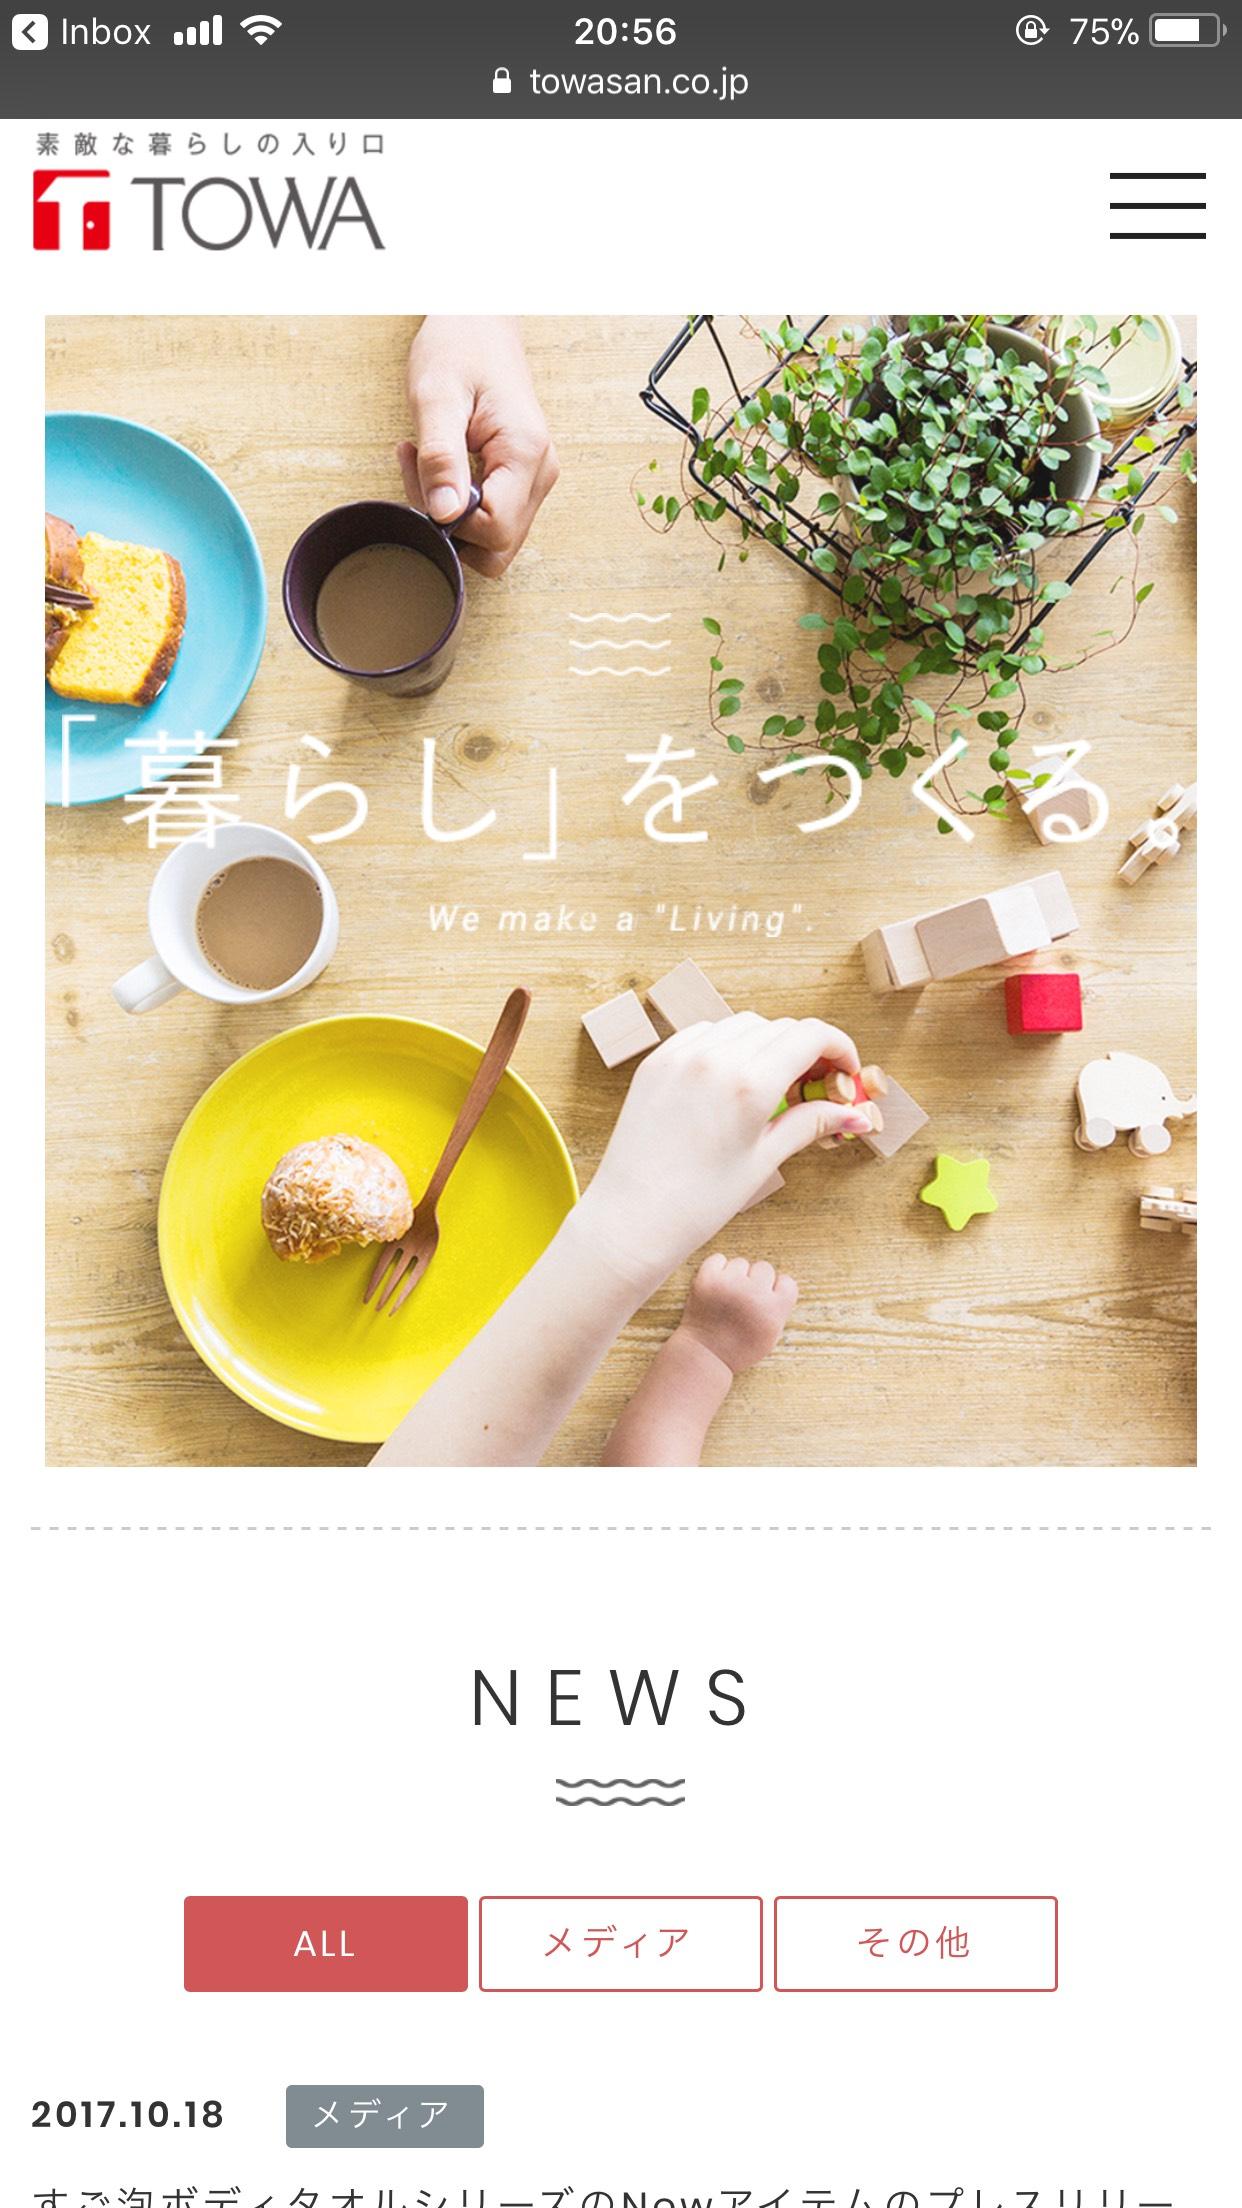 東和産業株式会社 | TOWA | 家庭日用品メーカー